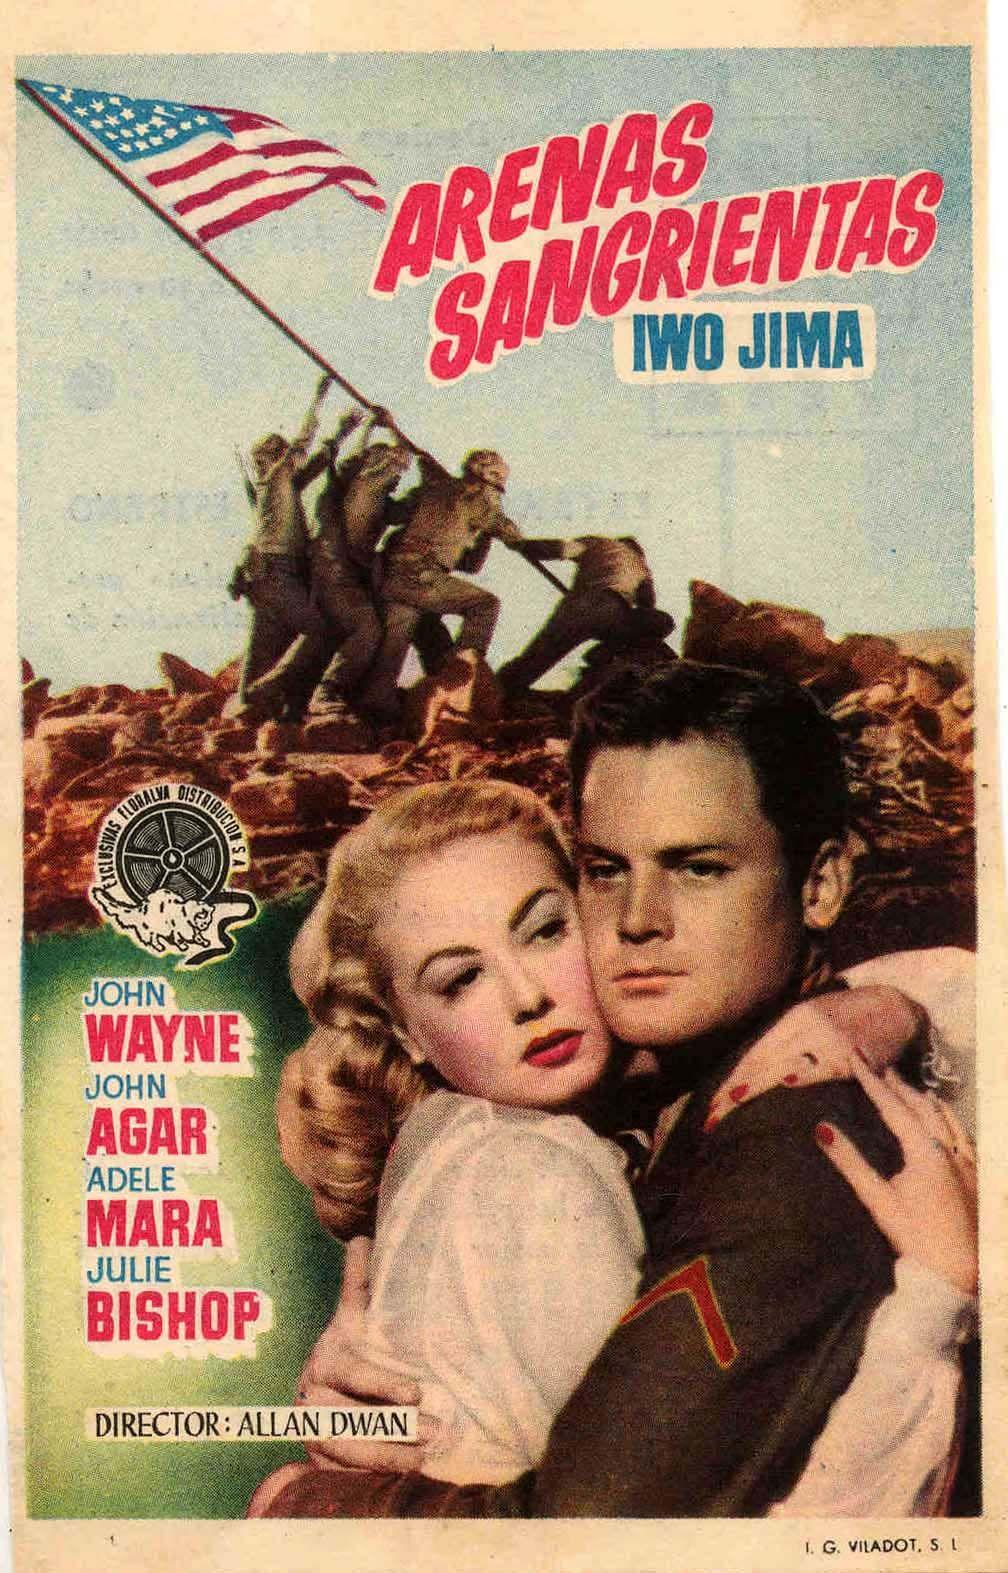 COLECCIÓN DE CARTELES ANTIGUOS DE CINE- Arenas sangrientas 1949, con John Wayne, John Agar, Adele Mara y Julie Bishop.